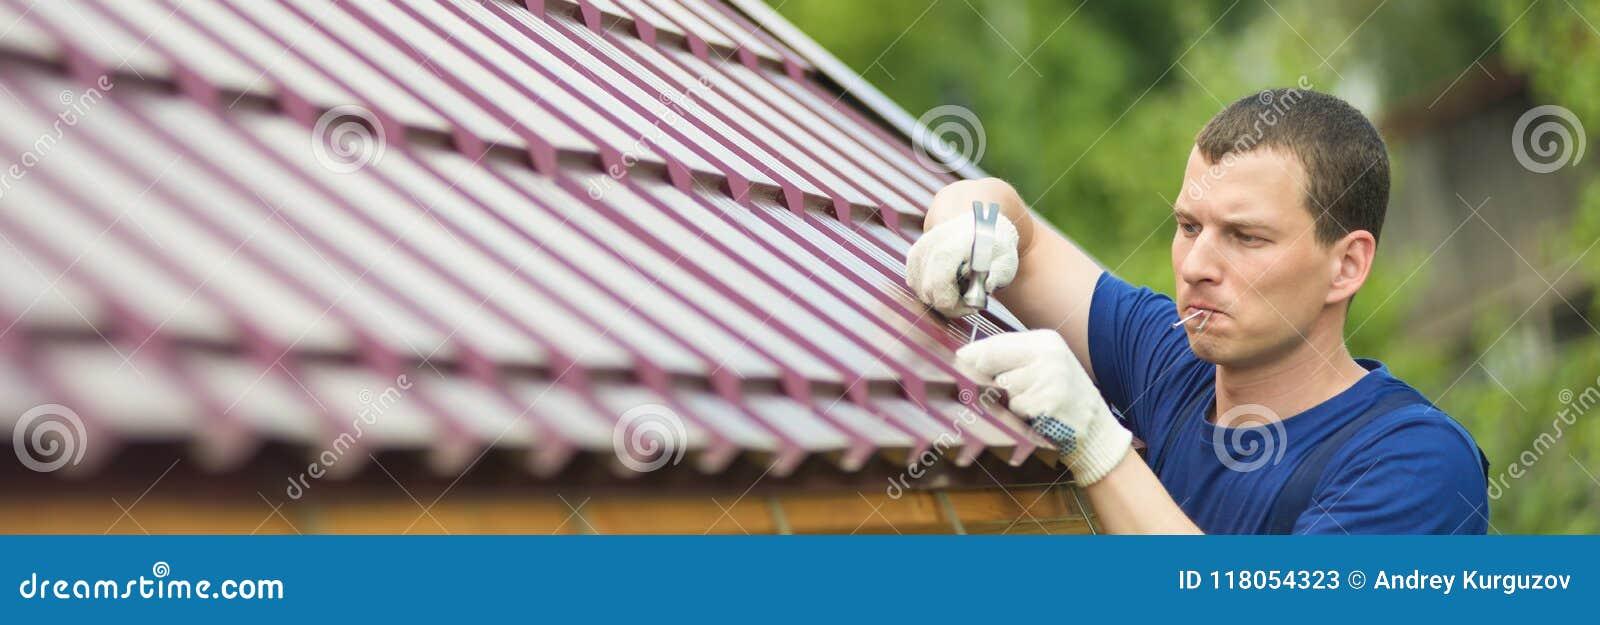 Ο κύριος κάνει την εργασία επισκευής για τη στέγη, στο αριστερό μια κενή θέση για μια επιγραφή